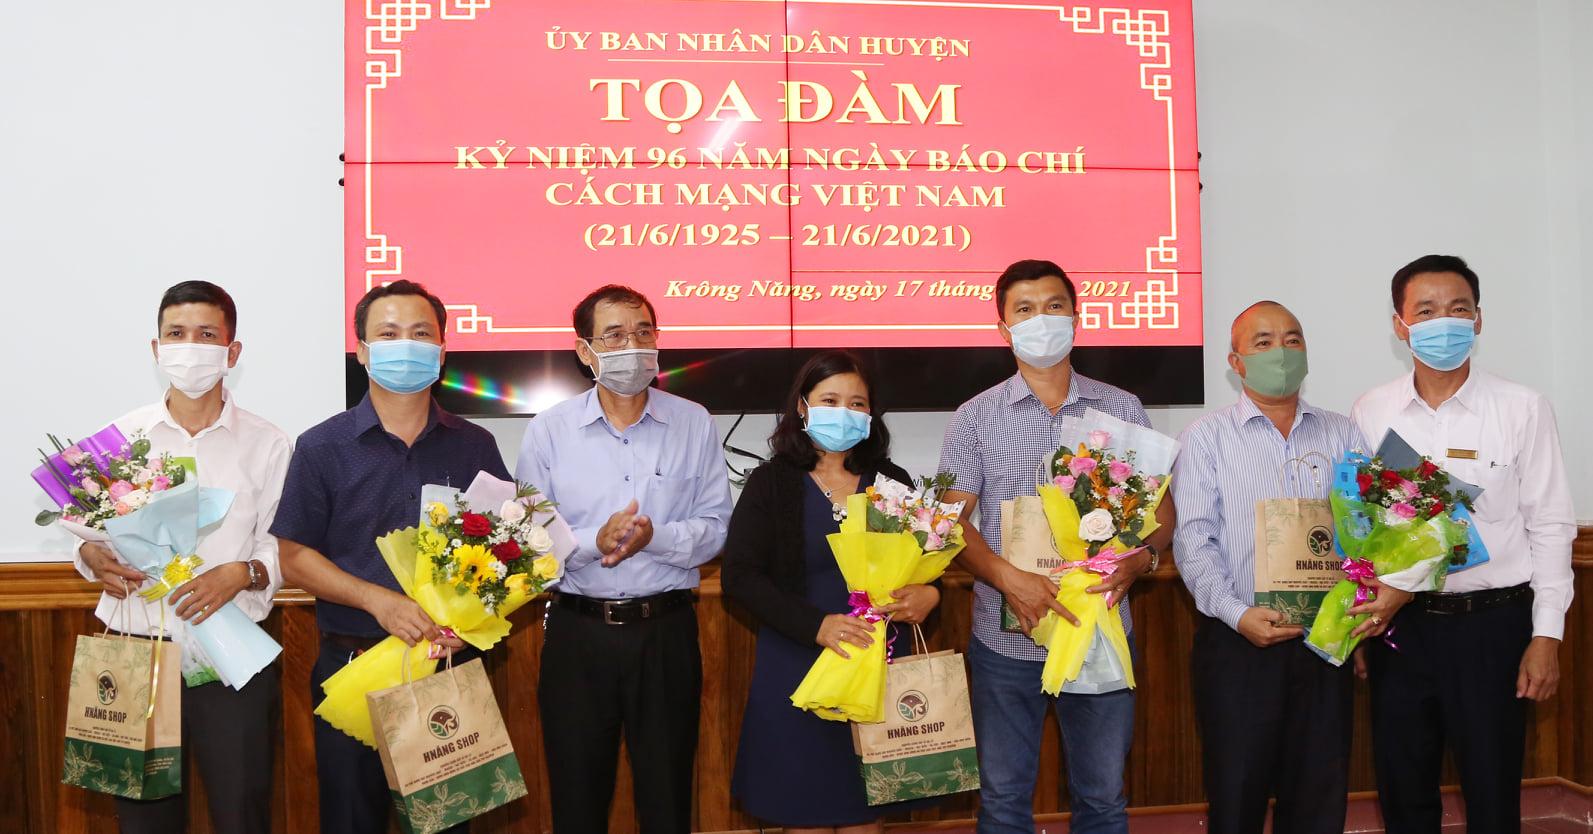 Huyện Krông Năng gặp mặt các cơ quan thông tấn, báo chí